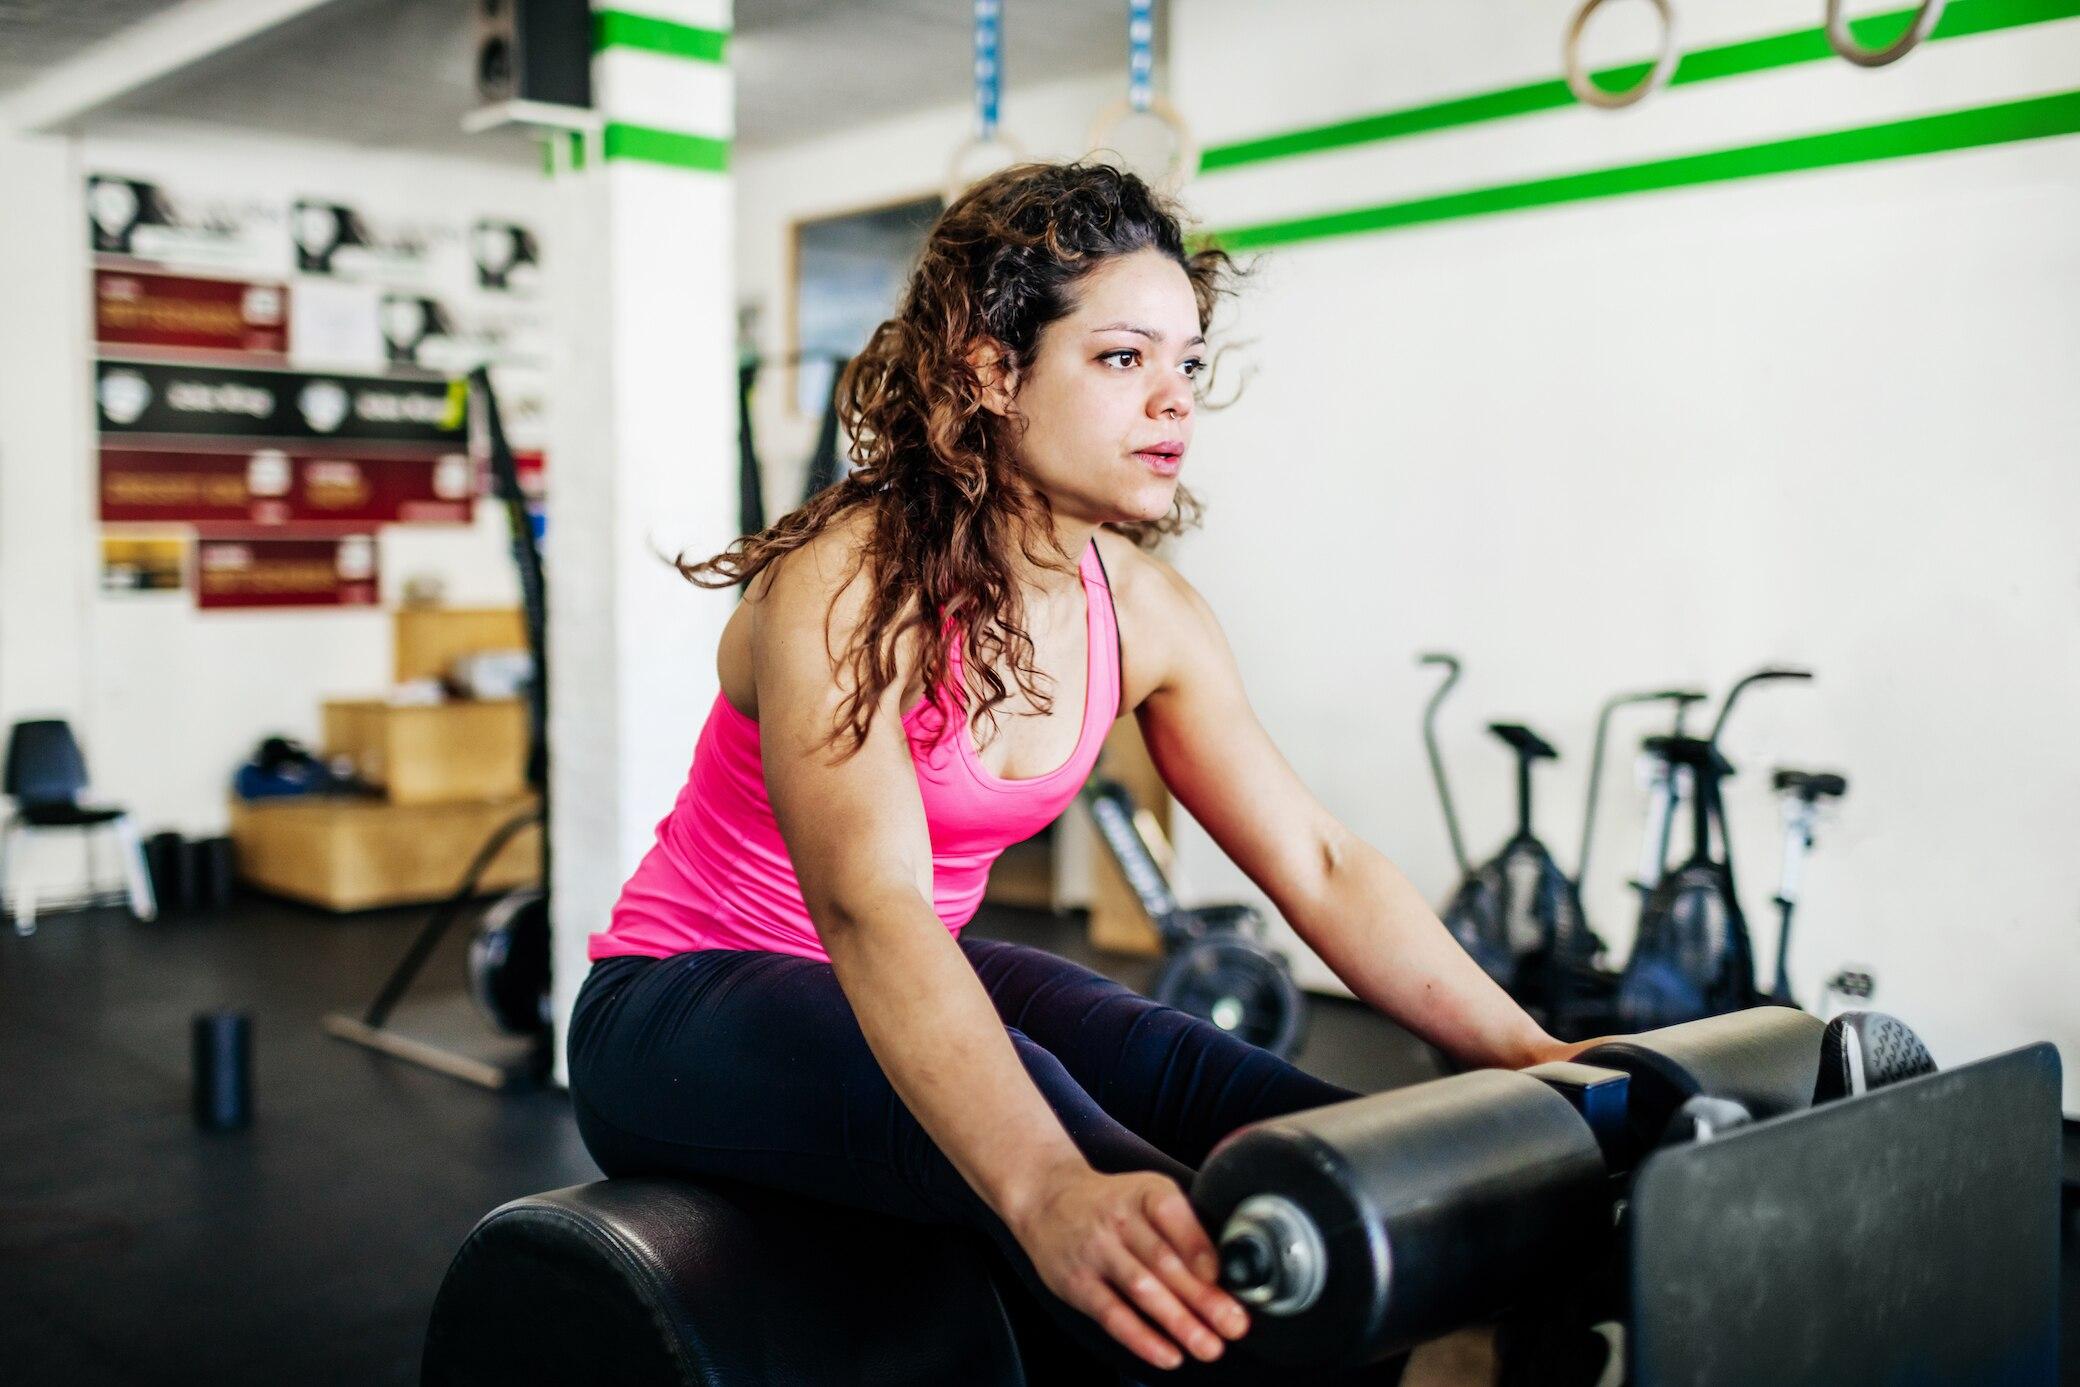 Wie lange dauert es, im Fitnessstudio abzunehmen?